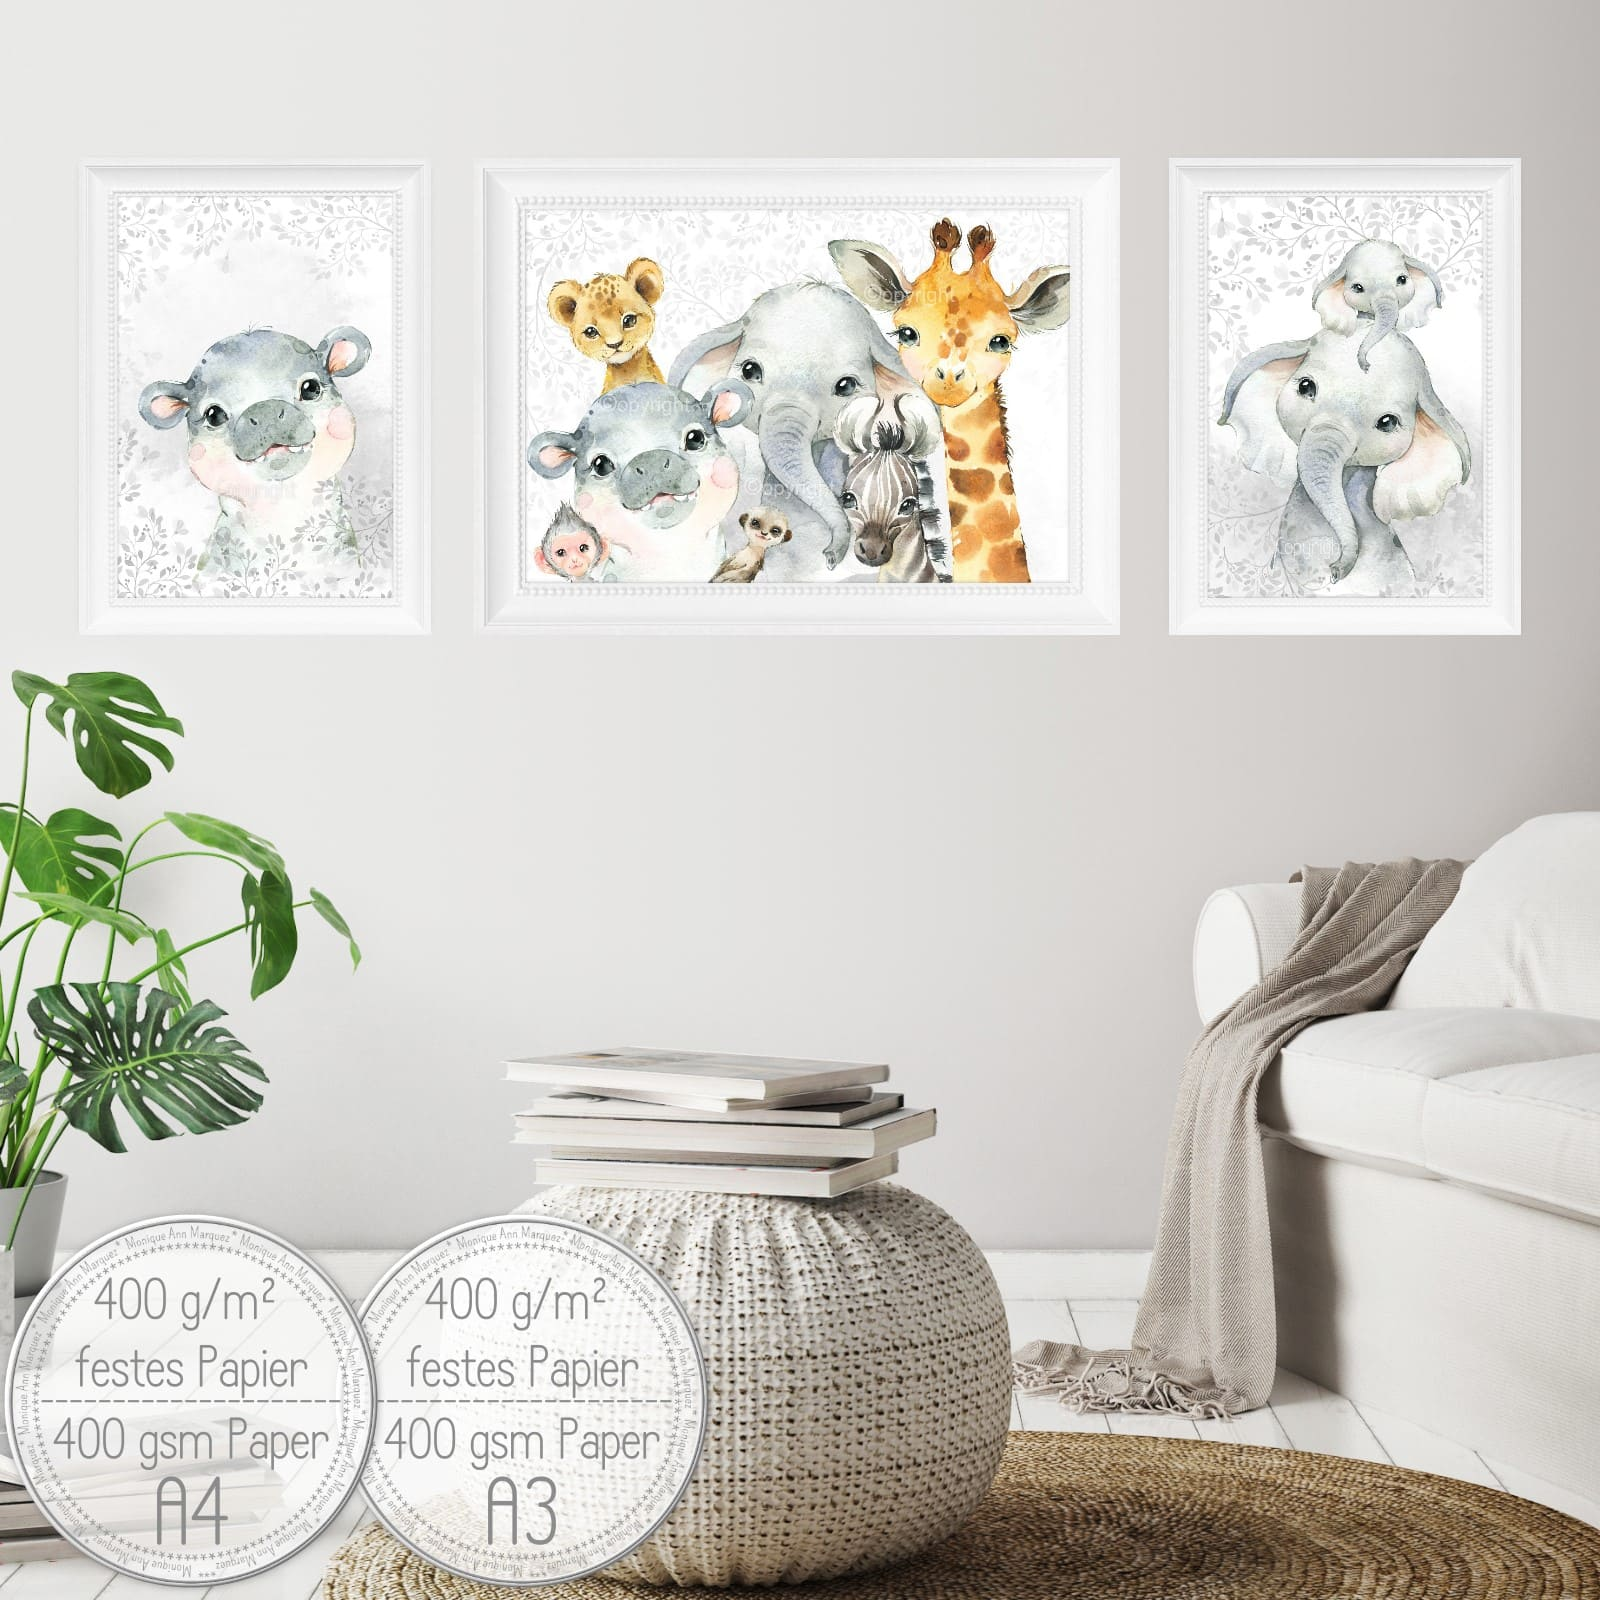 5er Set| Kinderzimmer Bilder | Waldtiere | Fuchs Reh Eule ...